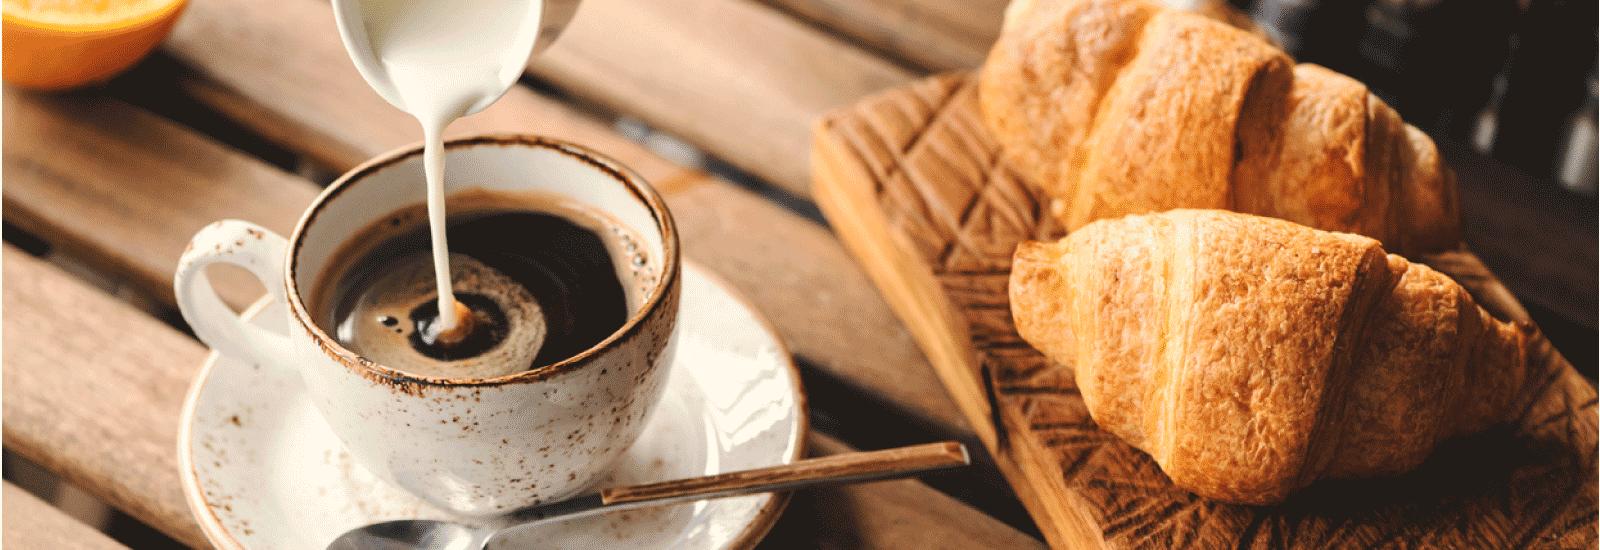 Breakfast and Coffee Shops in Aberdeen, MD